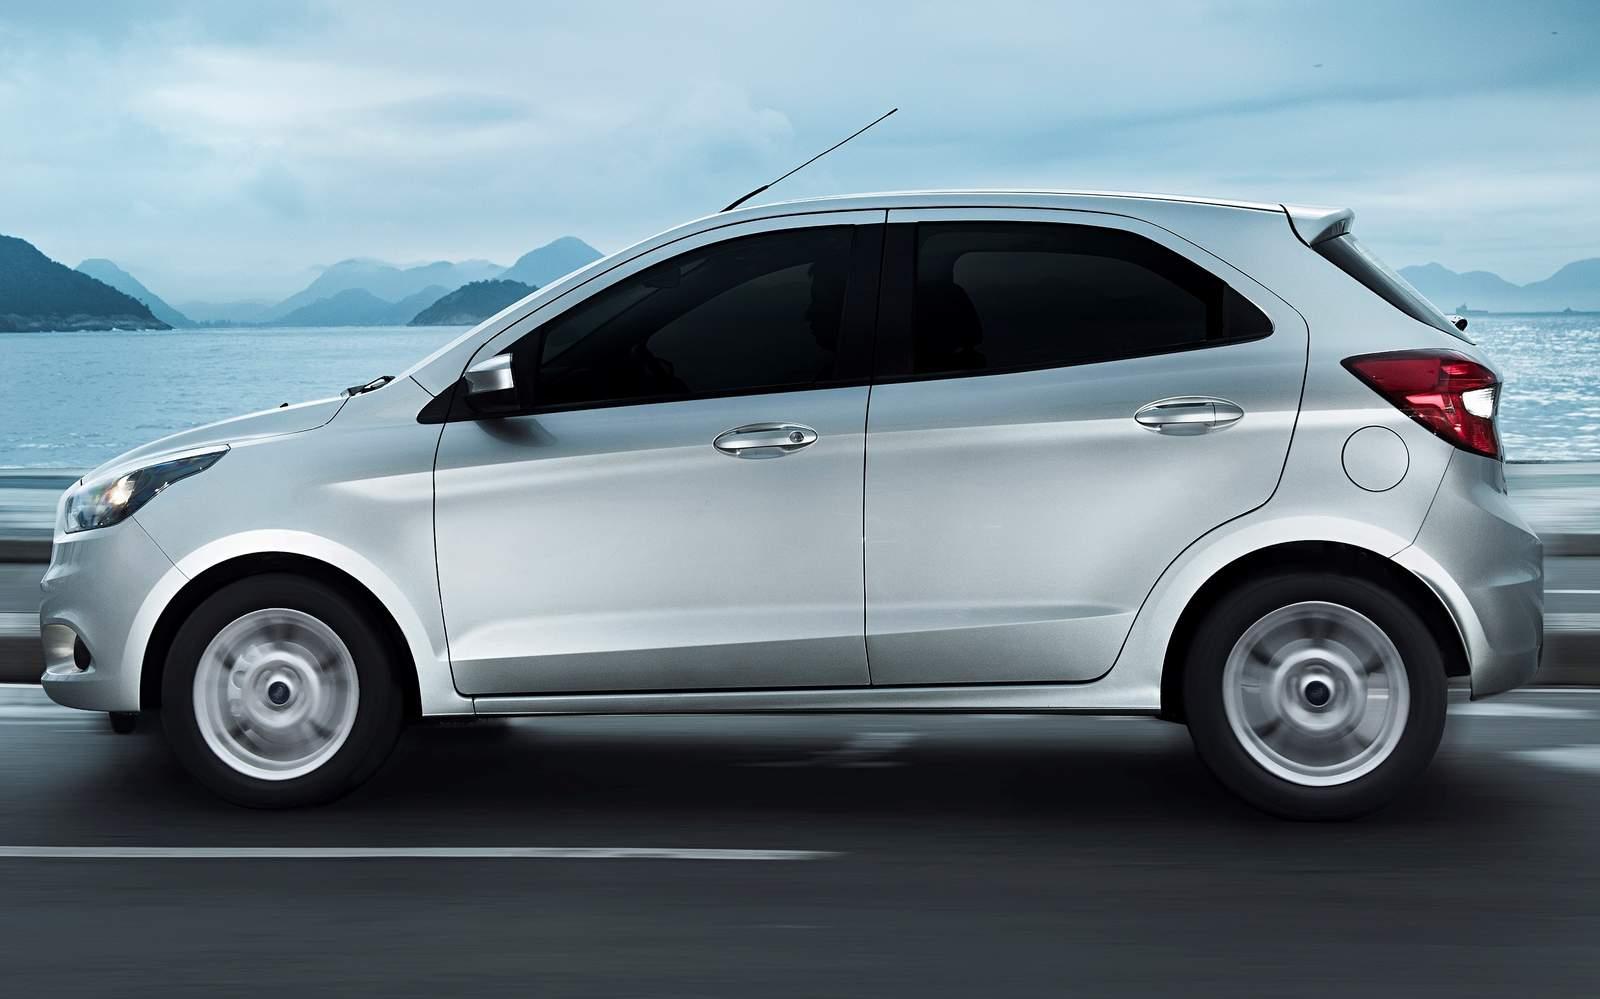 Novo Ford Ka 233 Eleito Carro Do Ano 2015 No Brasil Car